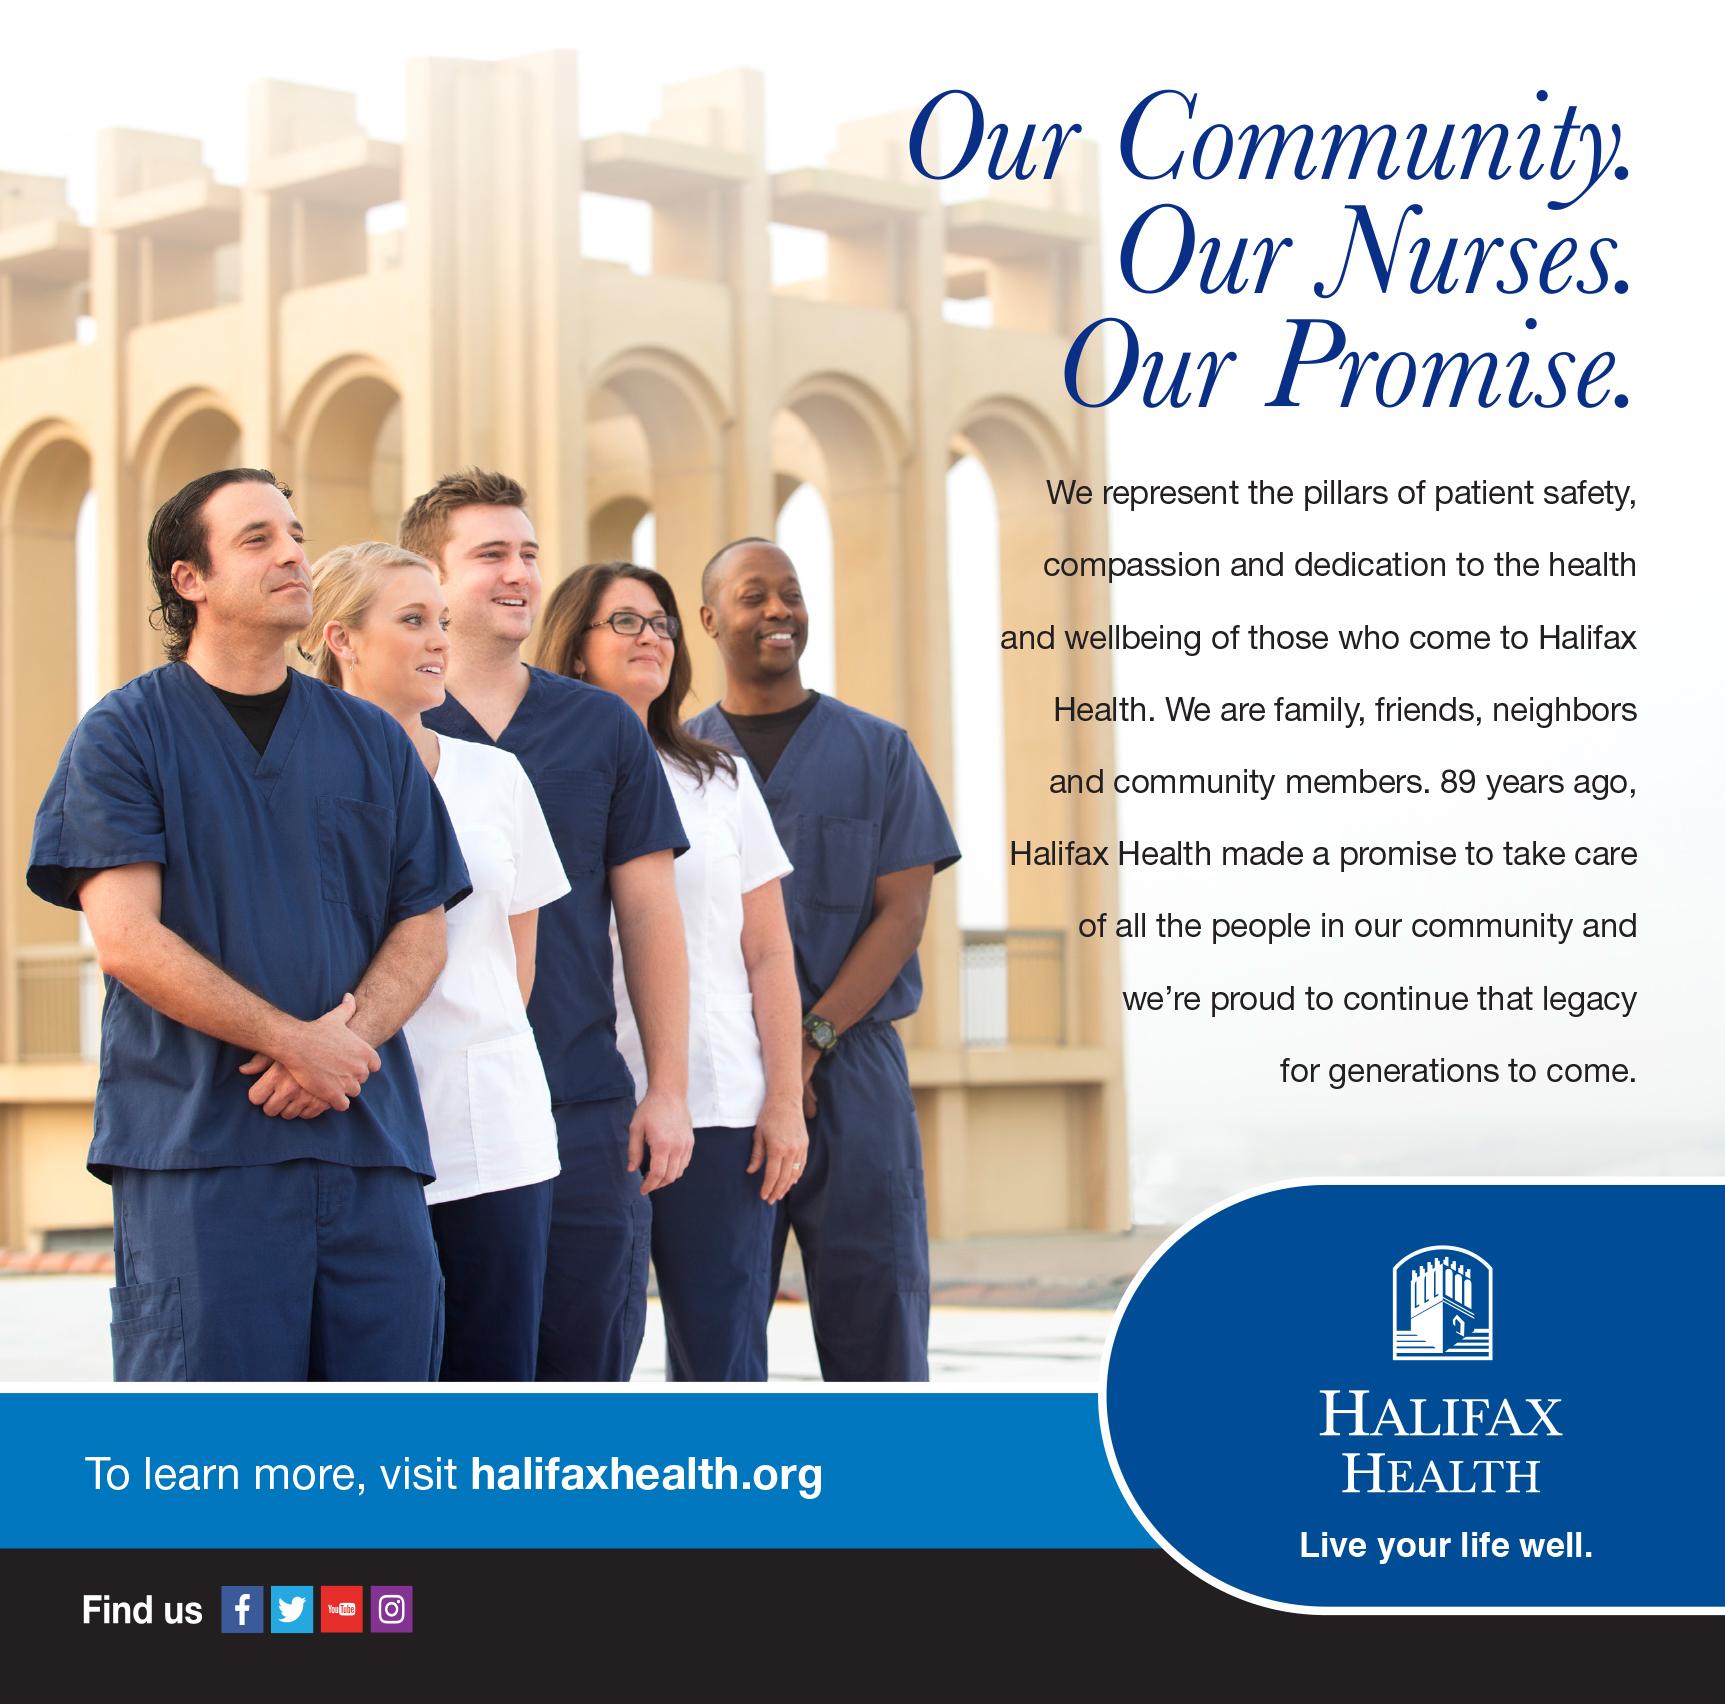 NurseCampaign.jpg